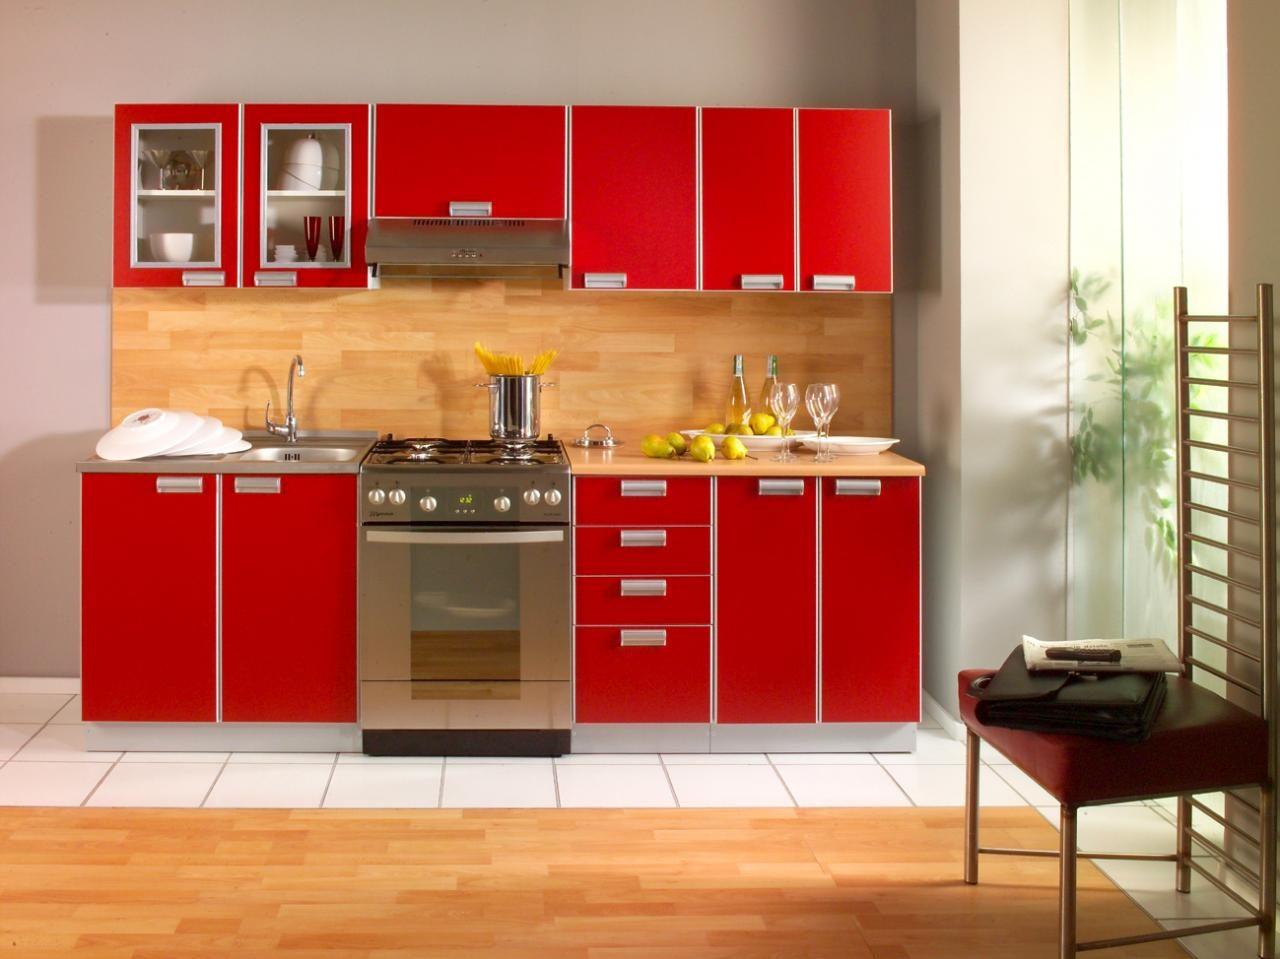 Mobiliario De Cocina Rojo Imagenes Y Fotos - Cocinas-en-rojo